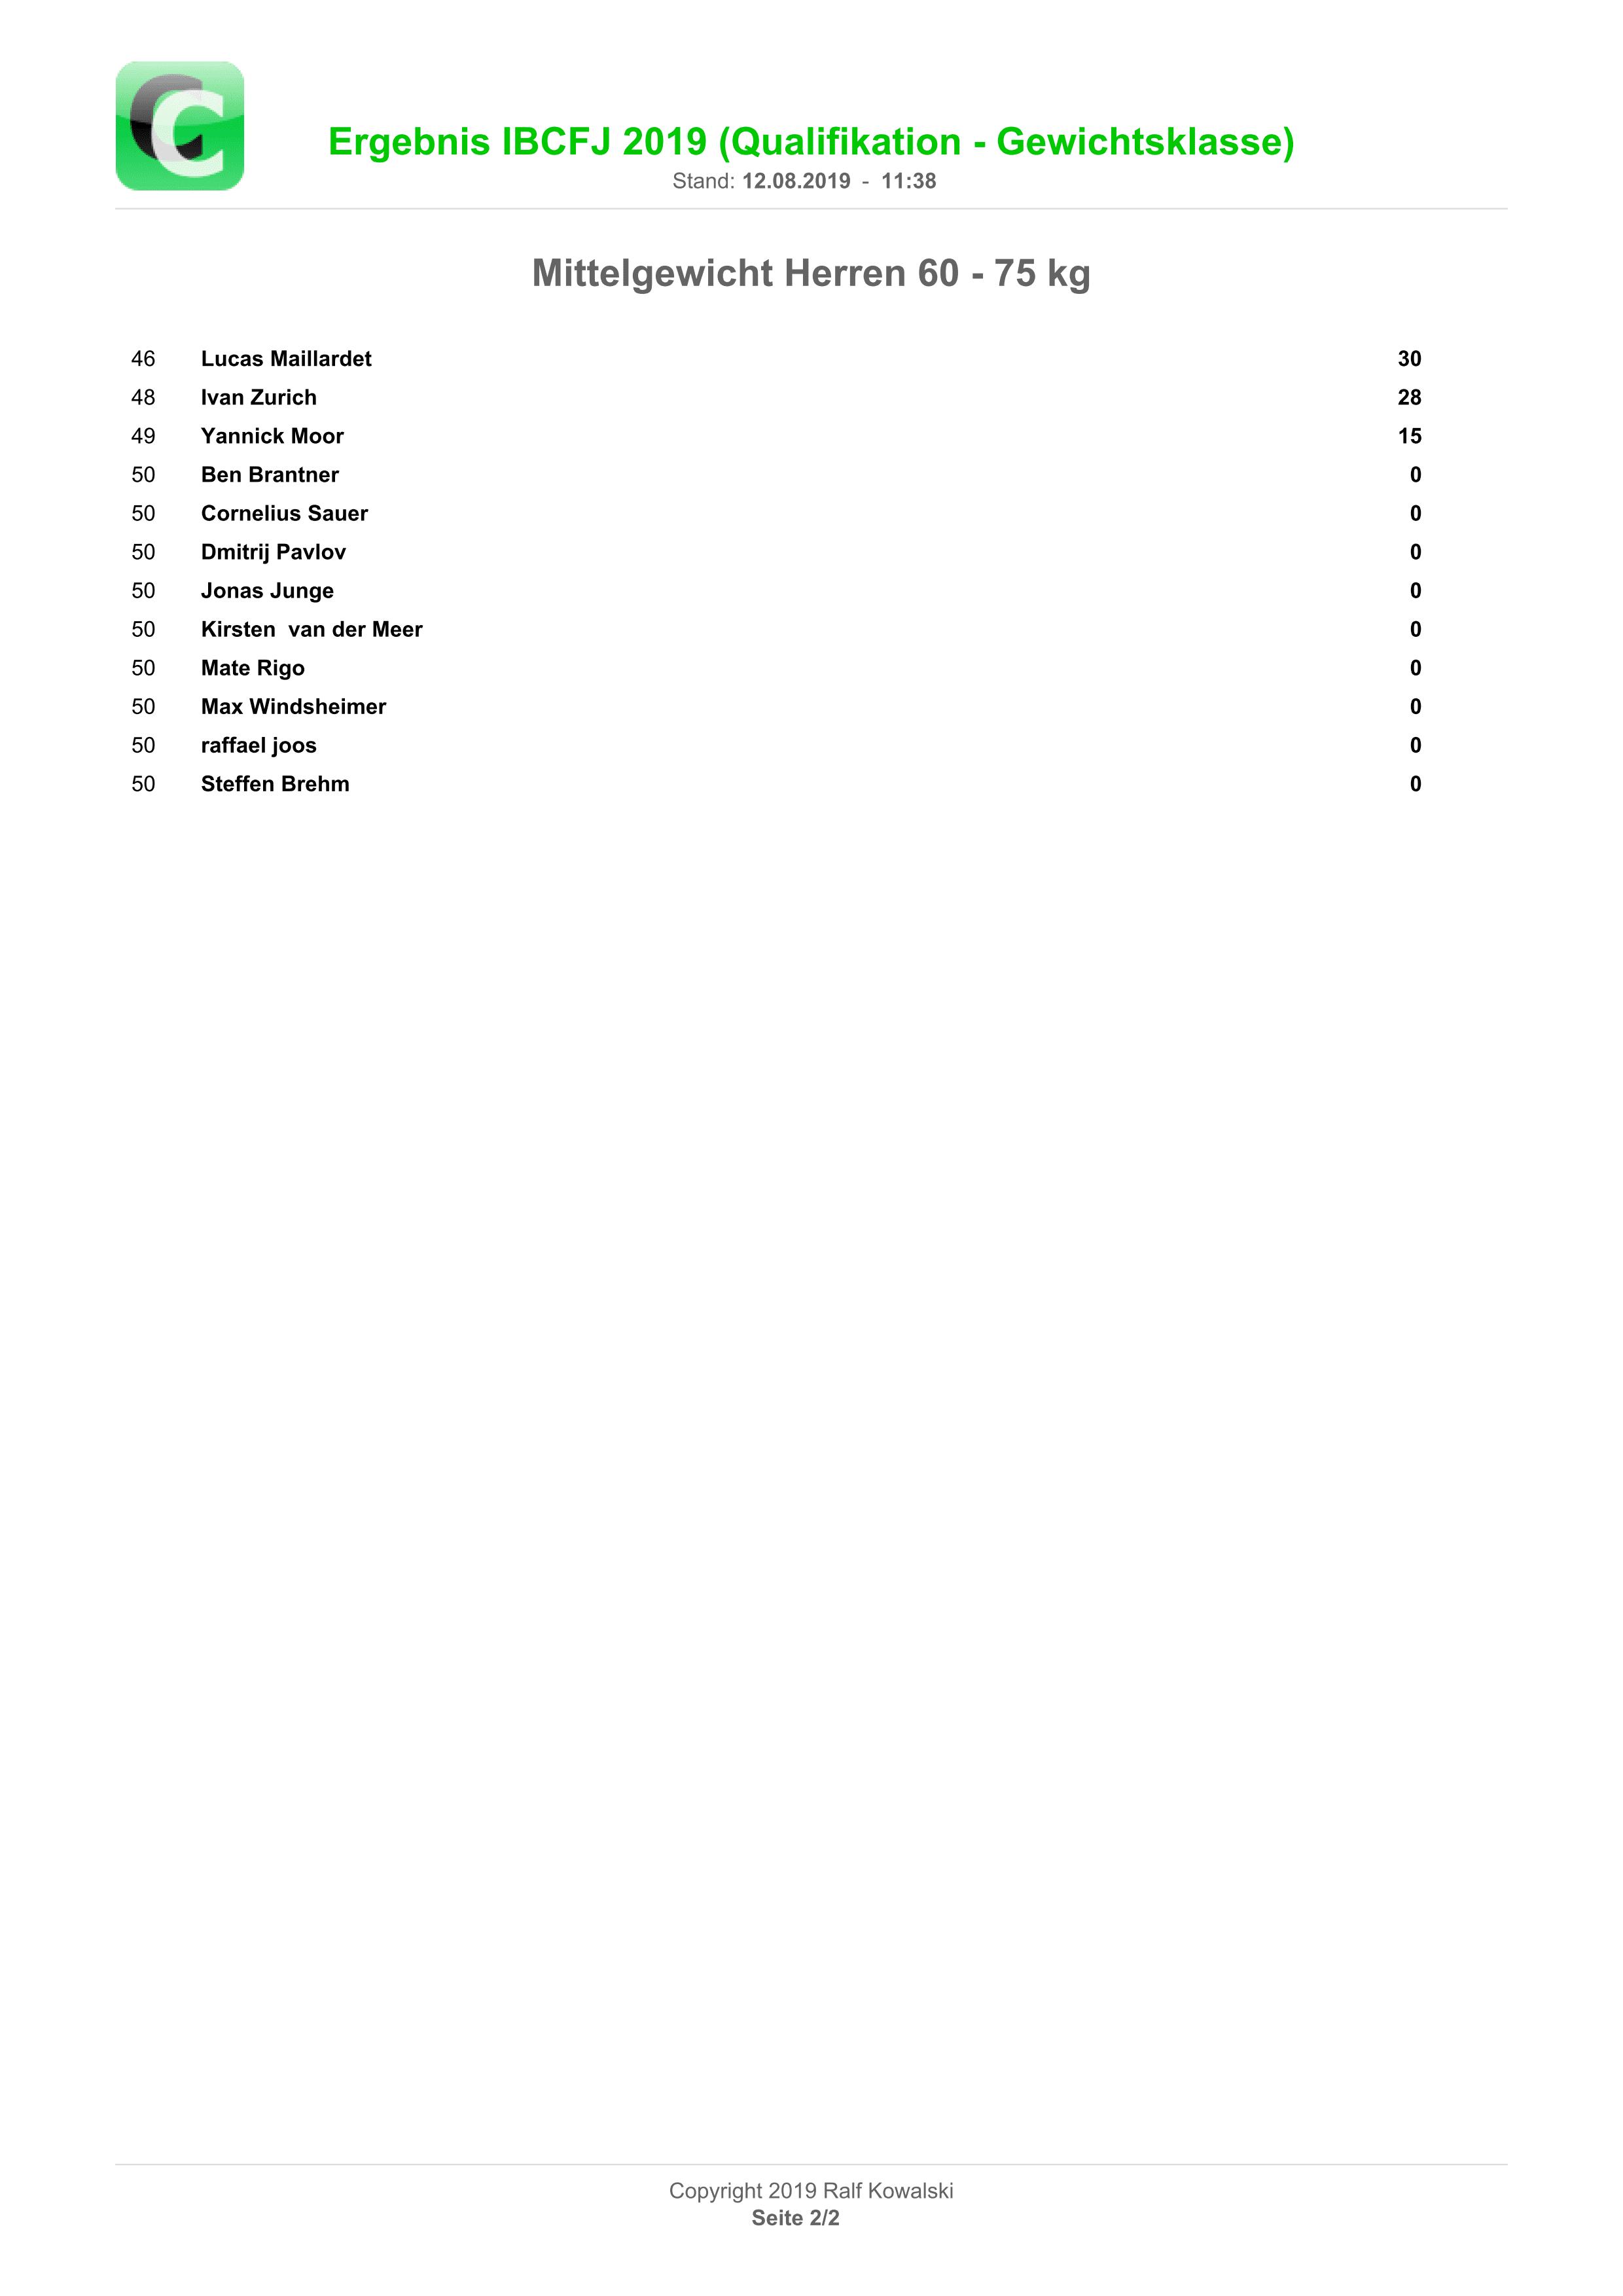 Ergebnisliste Mittelgewicht Herren02